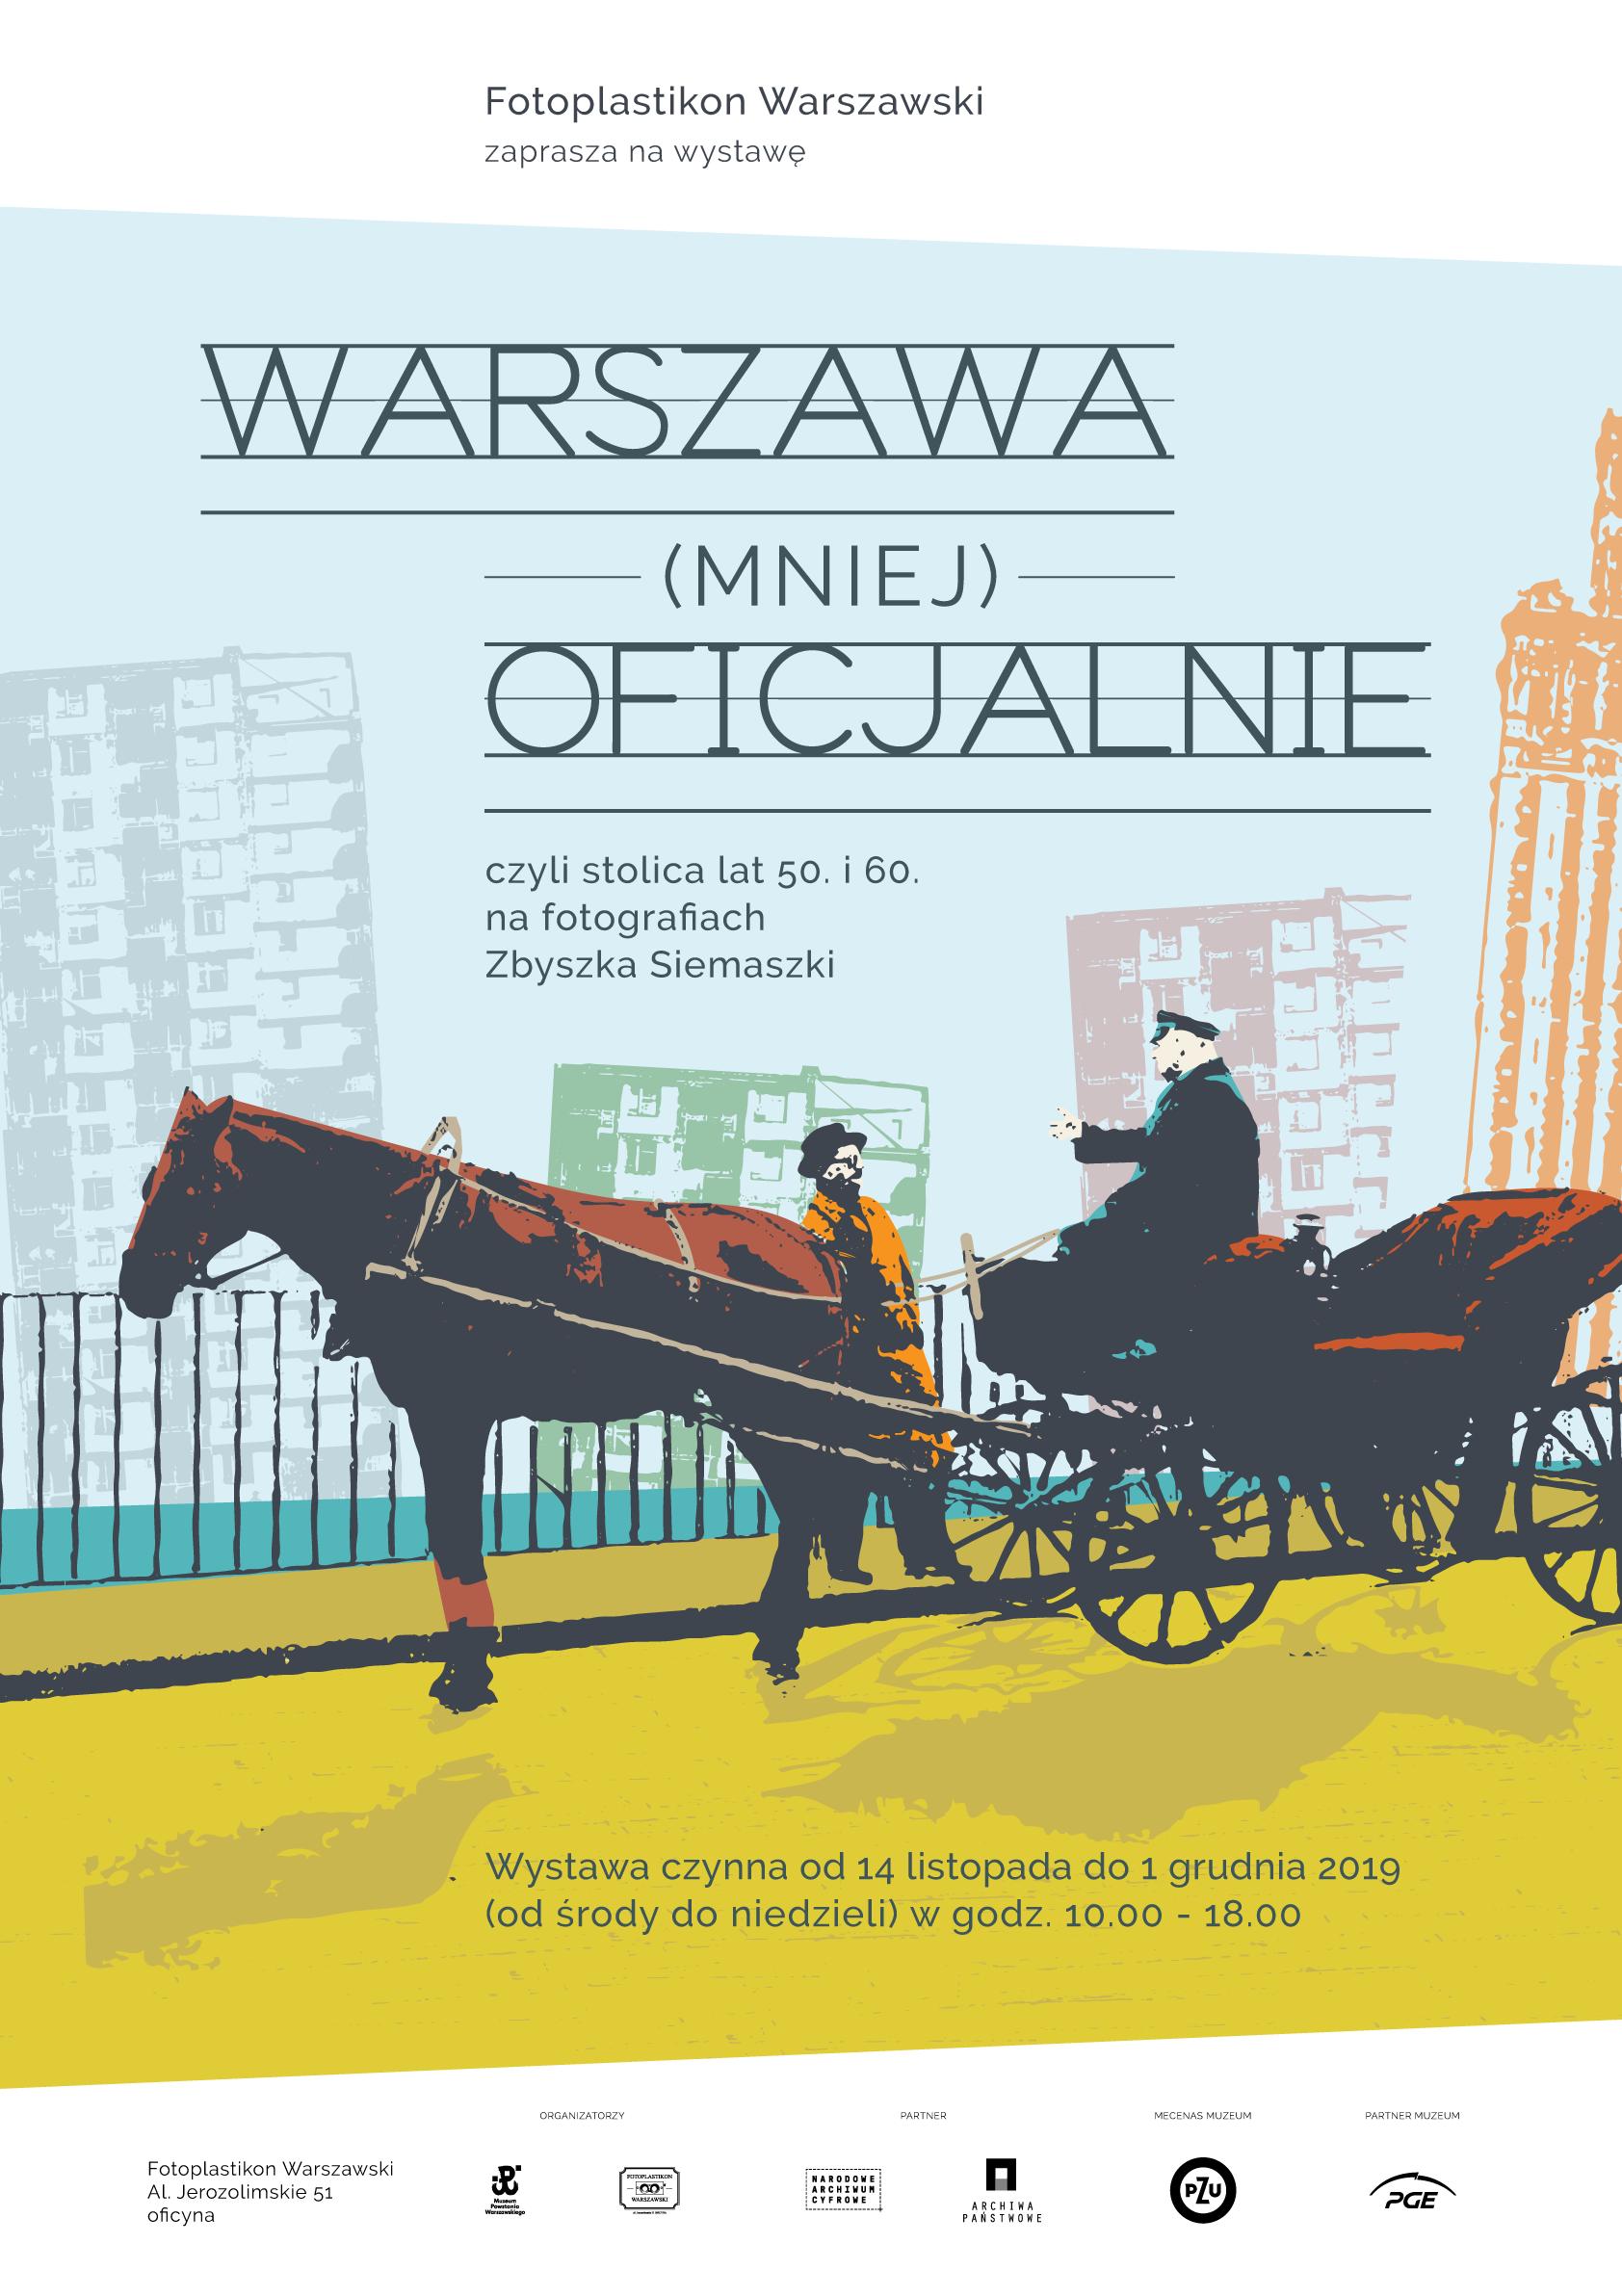 Fotoplastikon-Warszawa-Siemaszko (3)